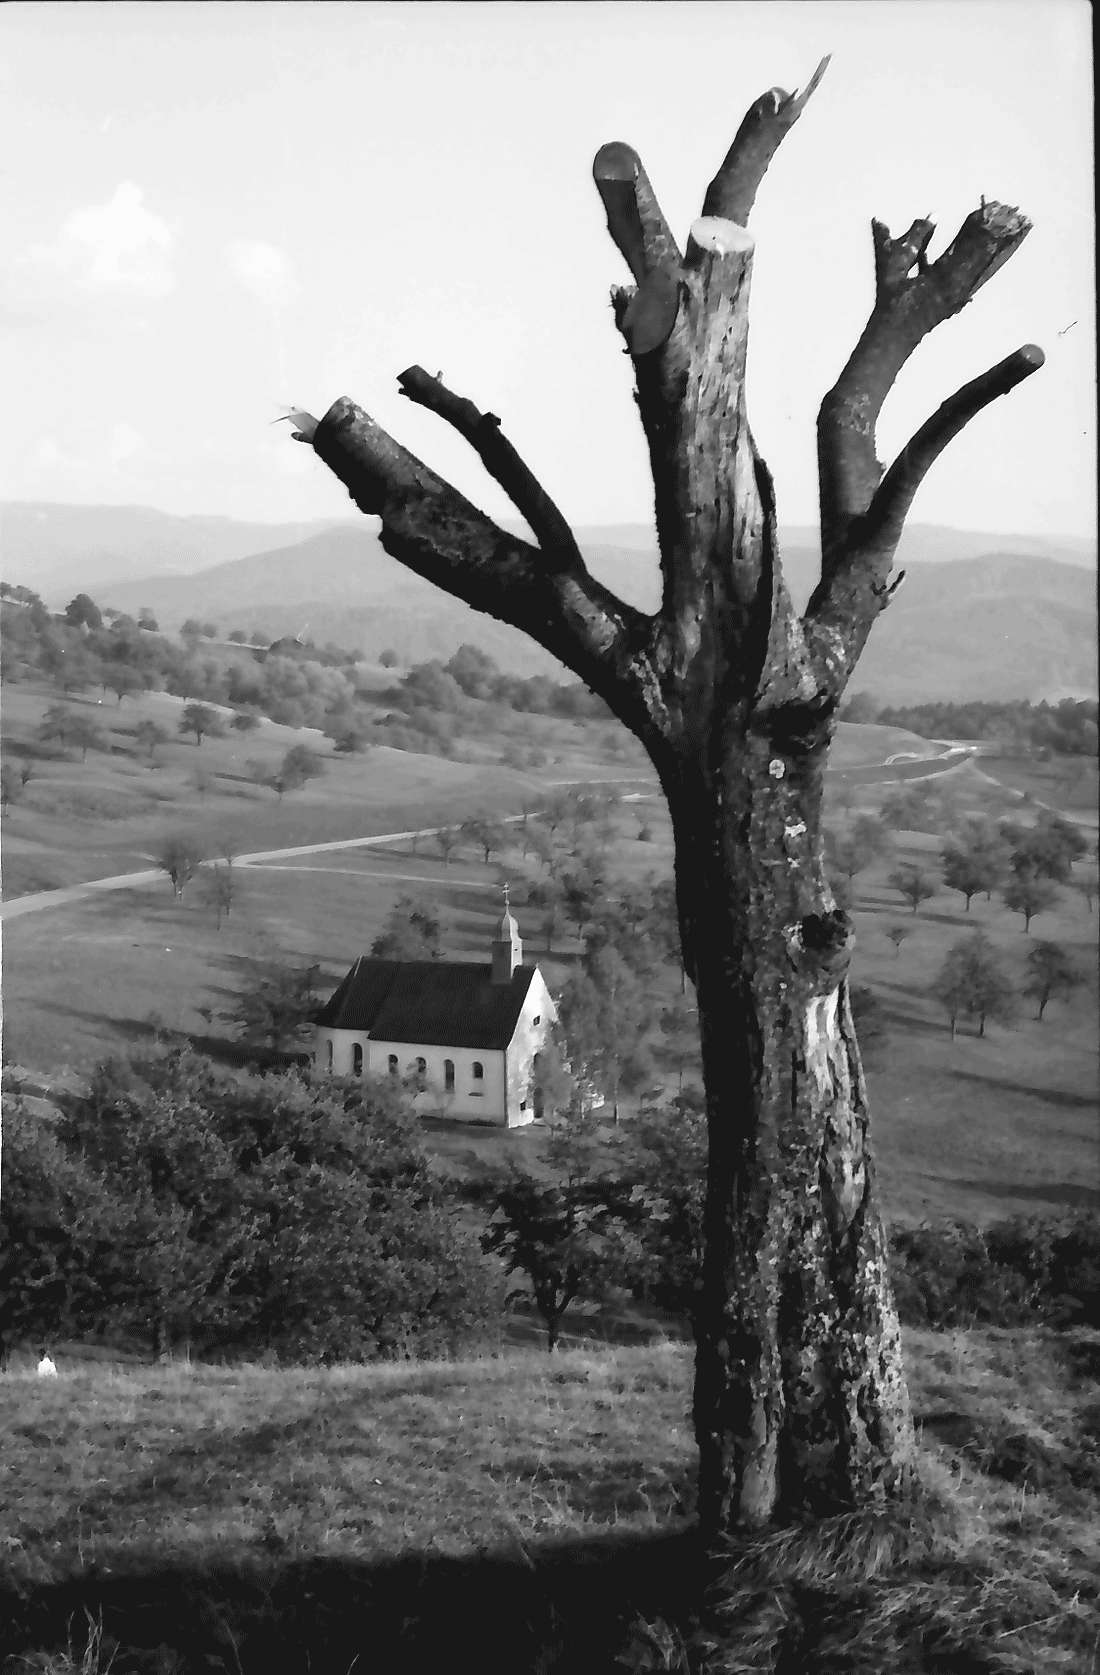 Ebringen: Berghausener Kapelle von oben; Vordergrund Baumstumpf, Bild 2